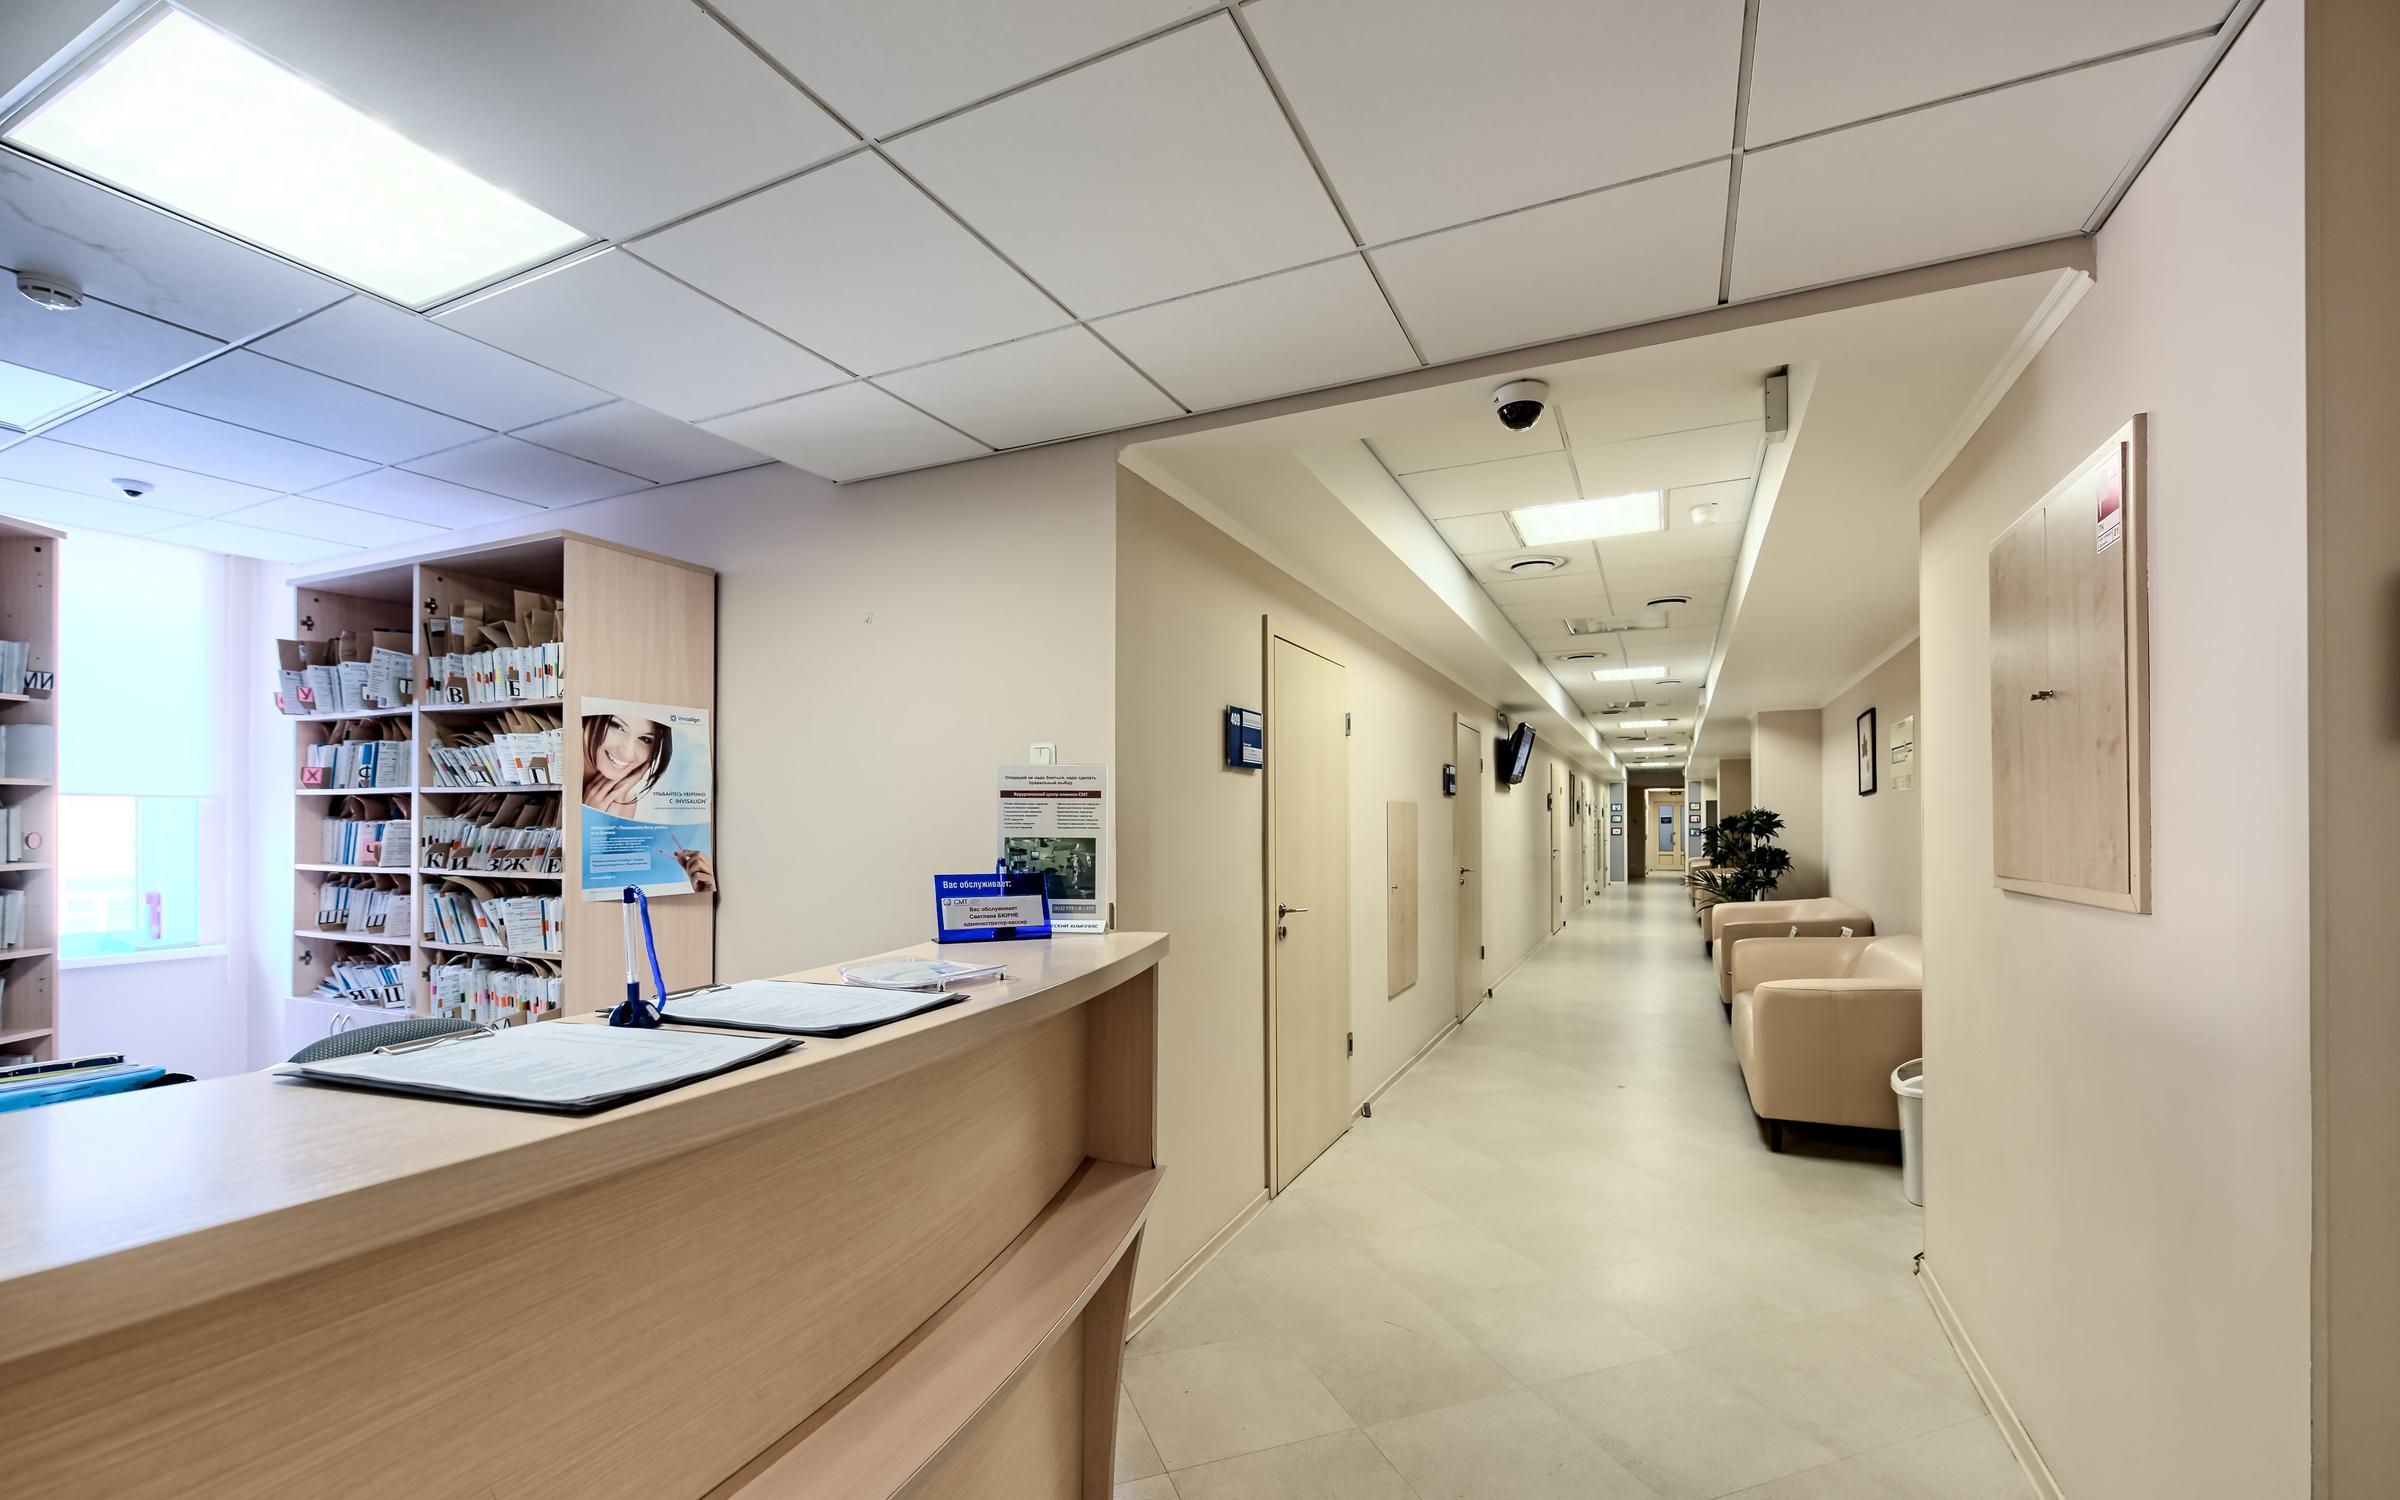 фотография Клиники СМТ (Поликлинический комплекс) на Московском, 22